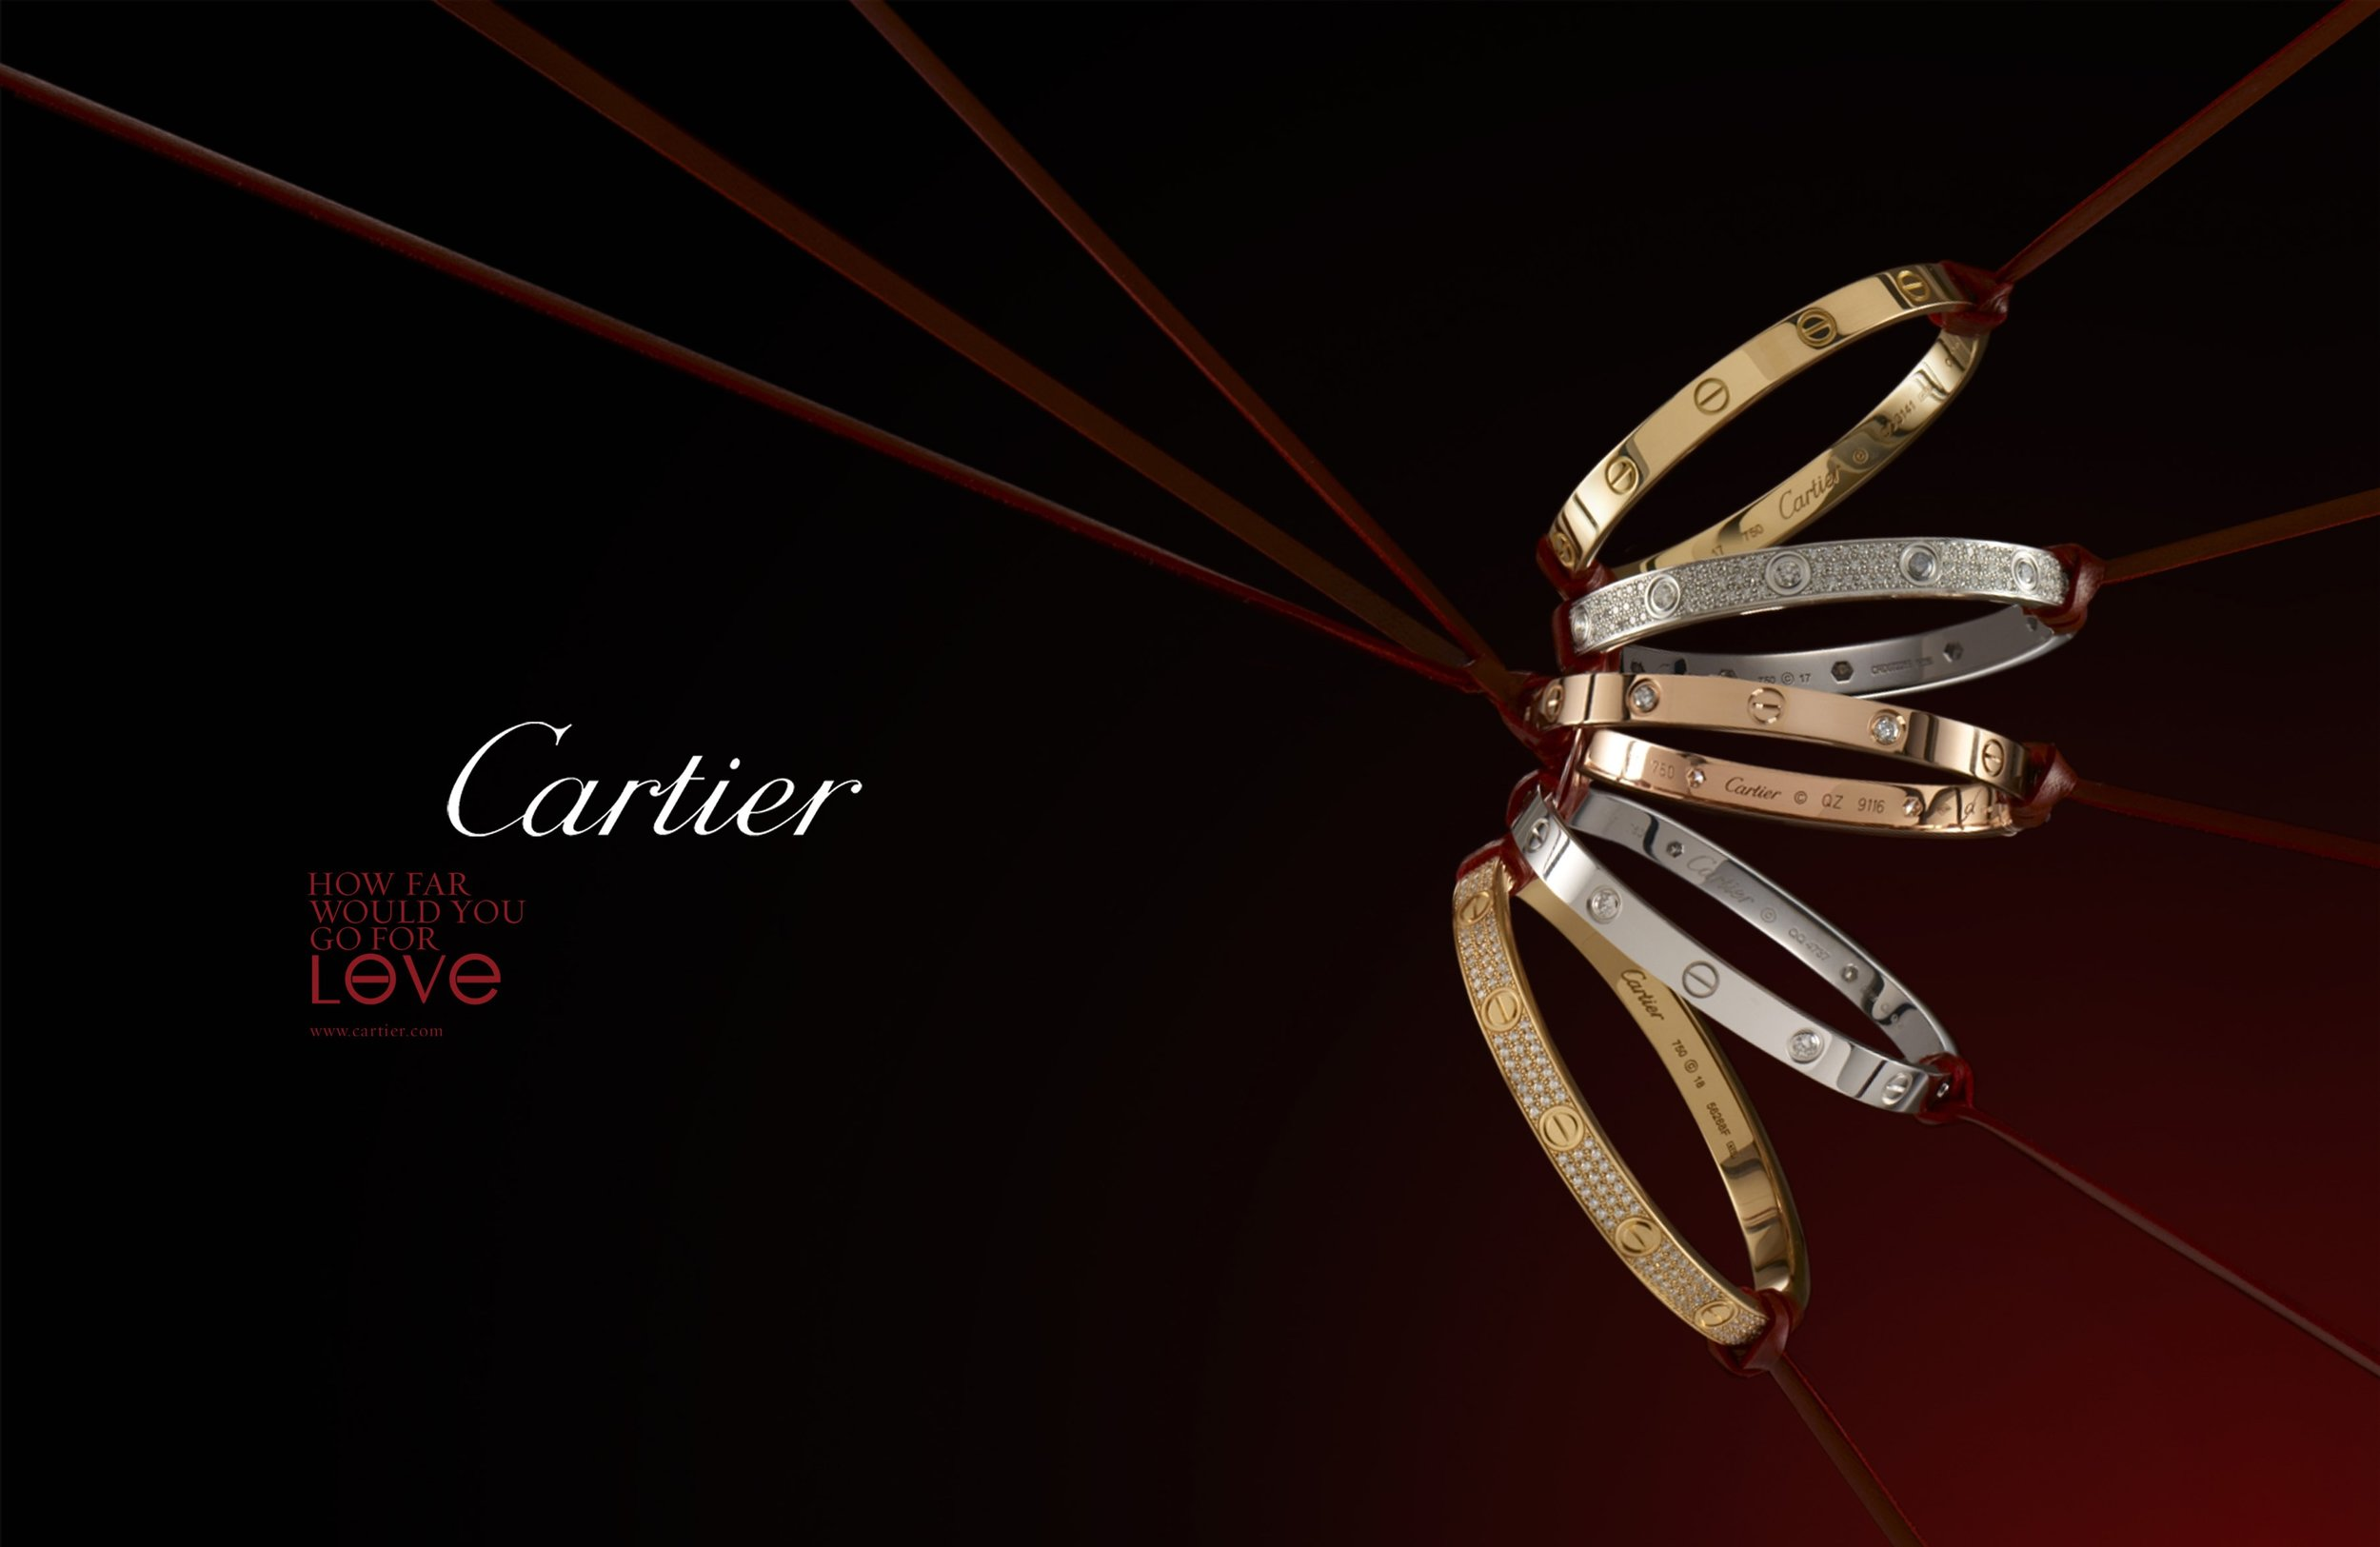 cartier-love-1.jpg